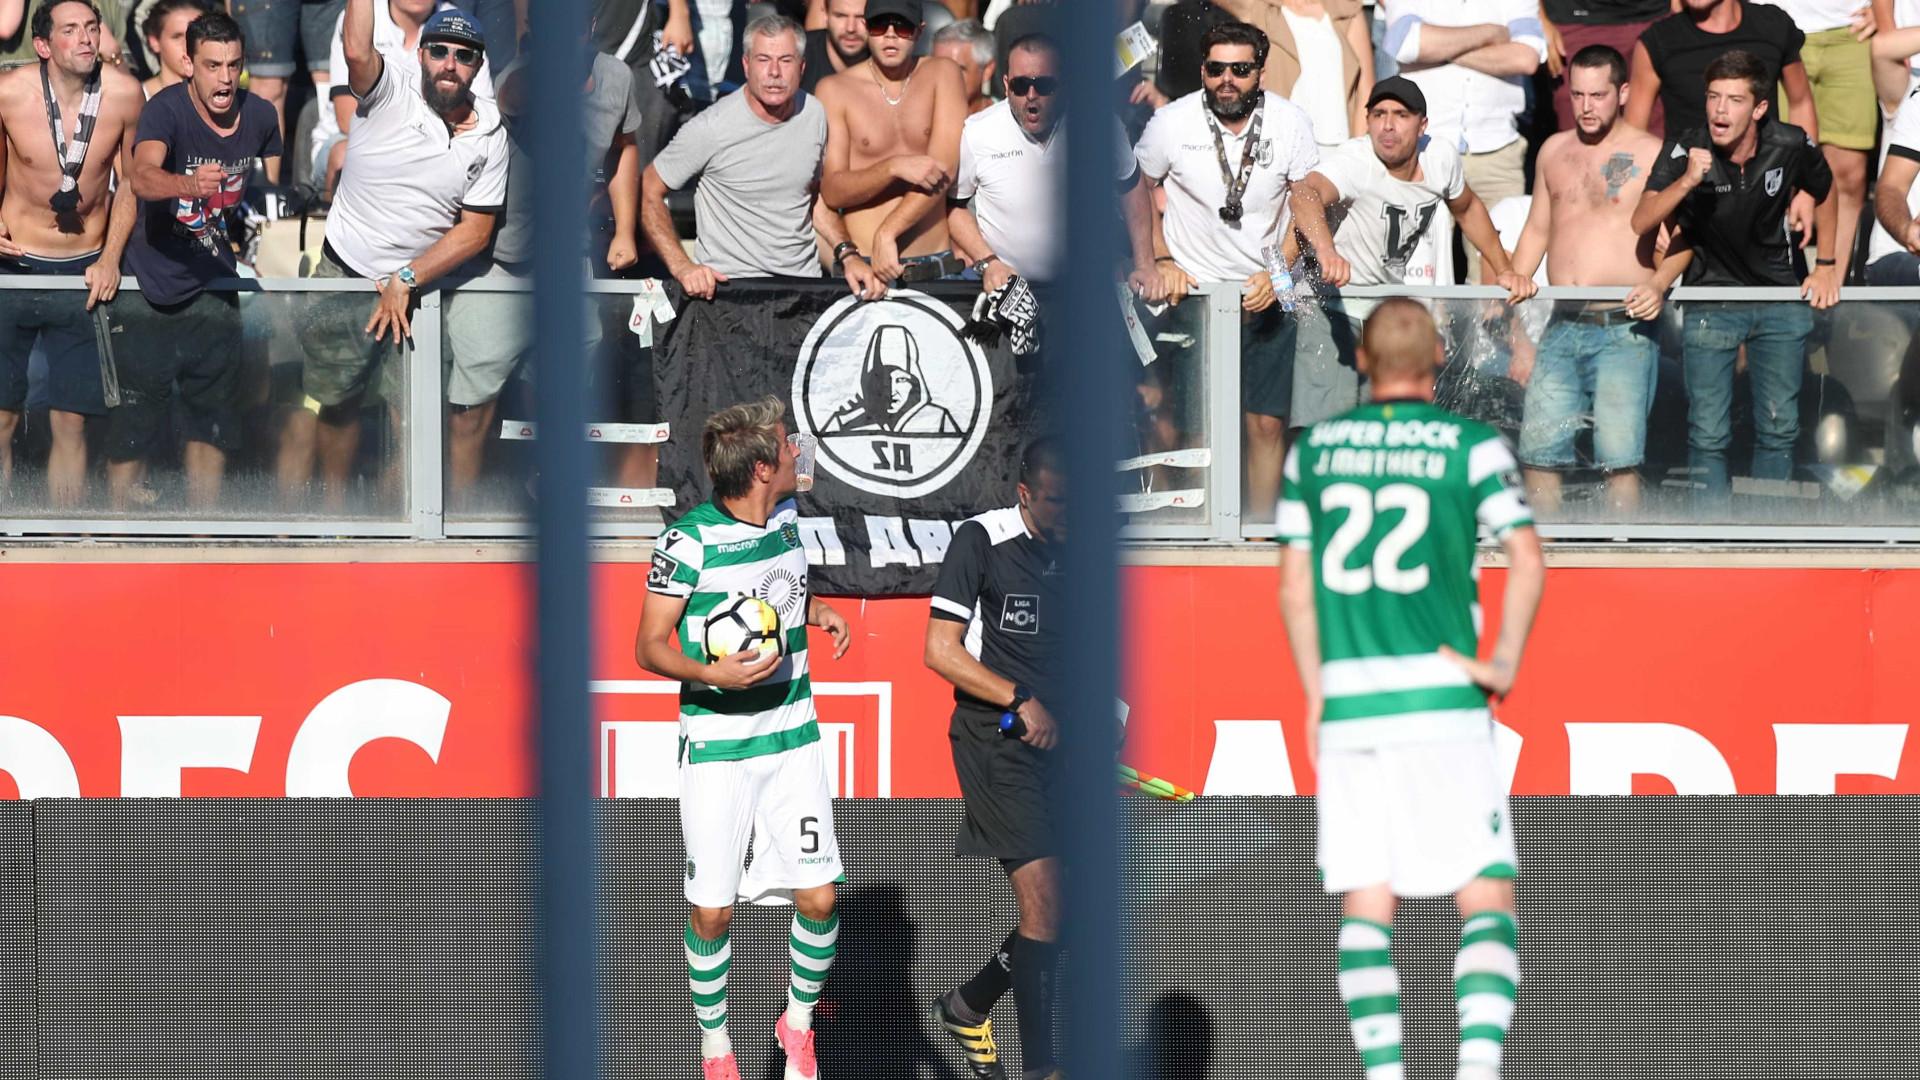 V. Guimarães multado em 5 mil euros por comportamento indevido dos adeptos